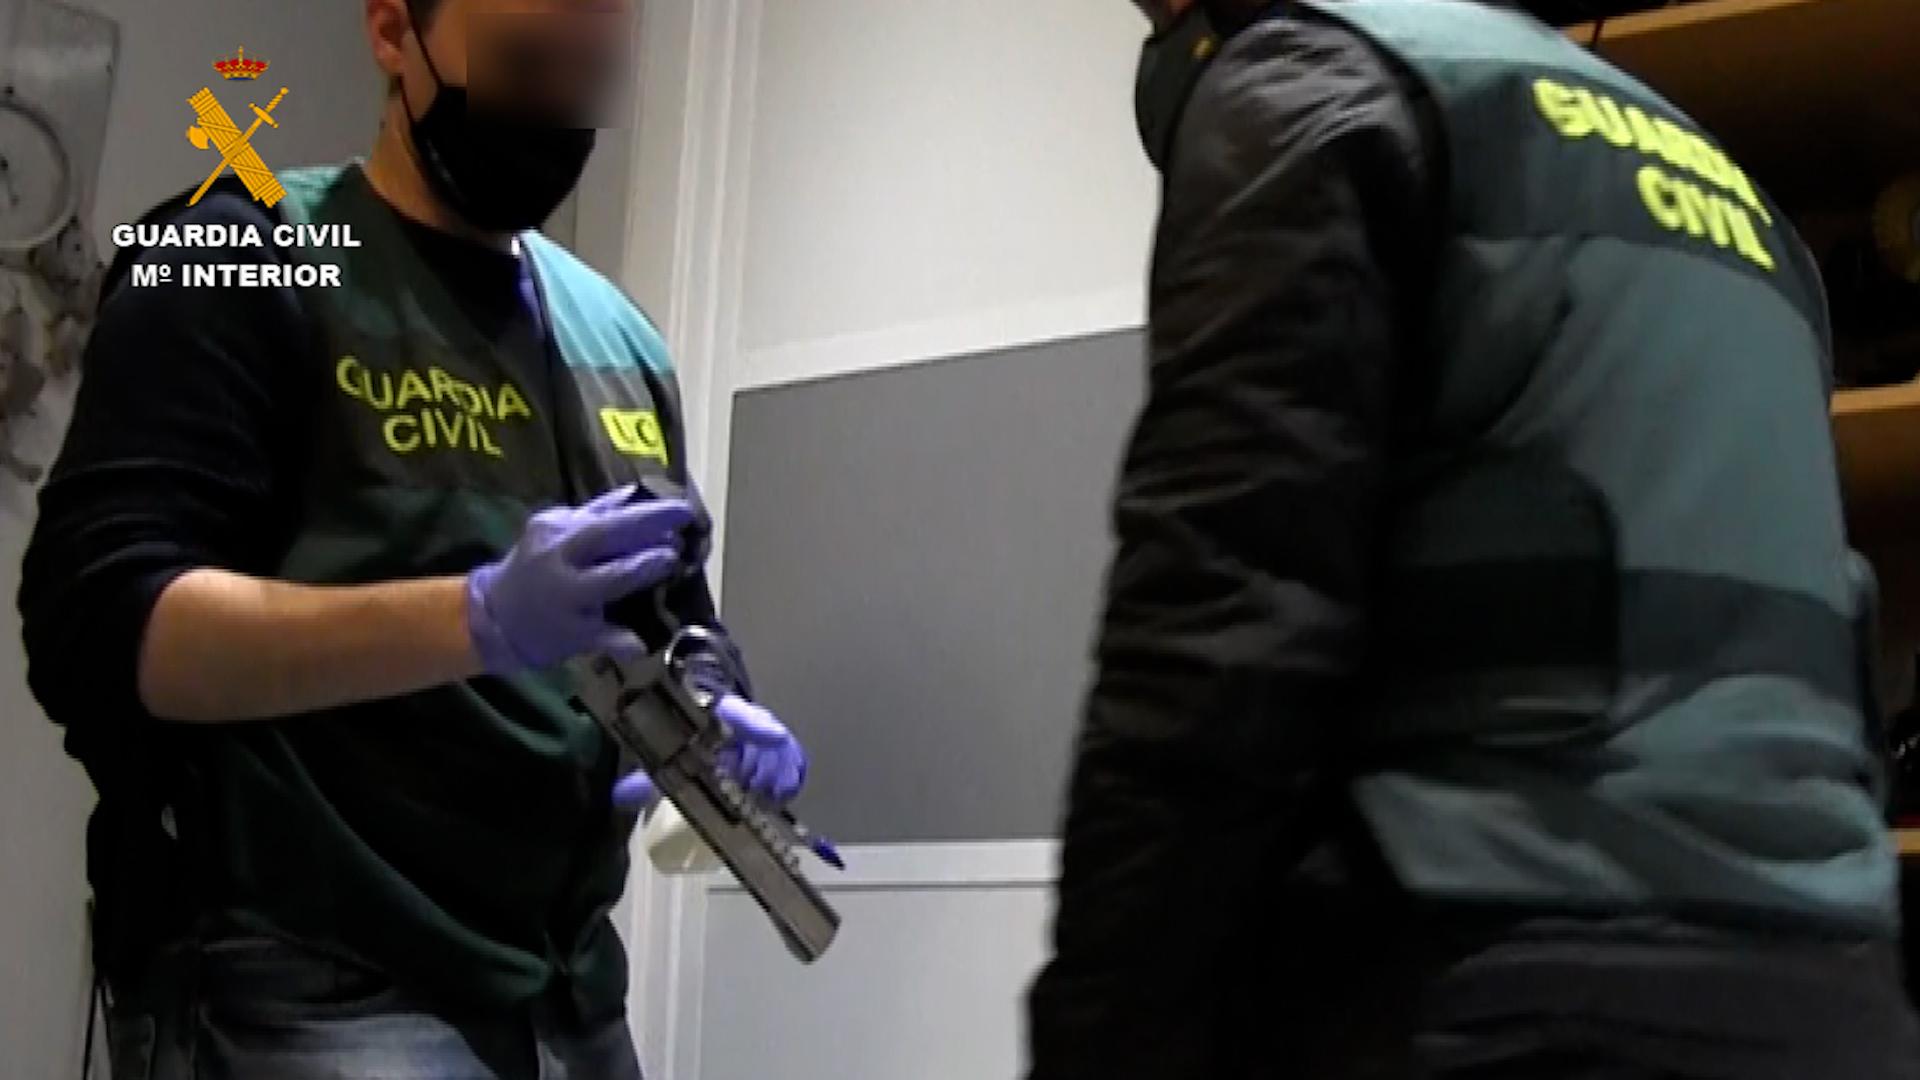 Los agentes de la Guardia Civil también han intervenido cinco armas de fuego.